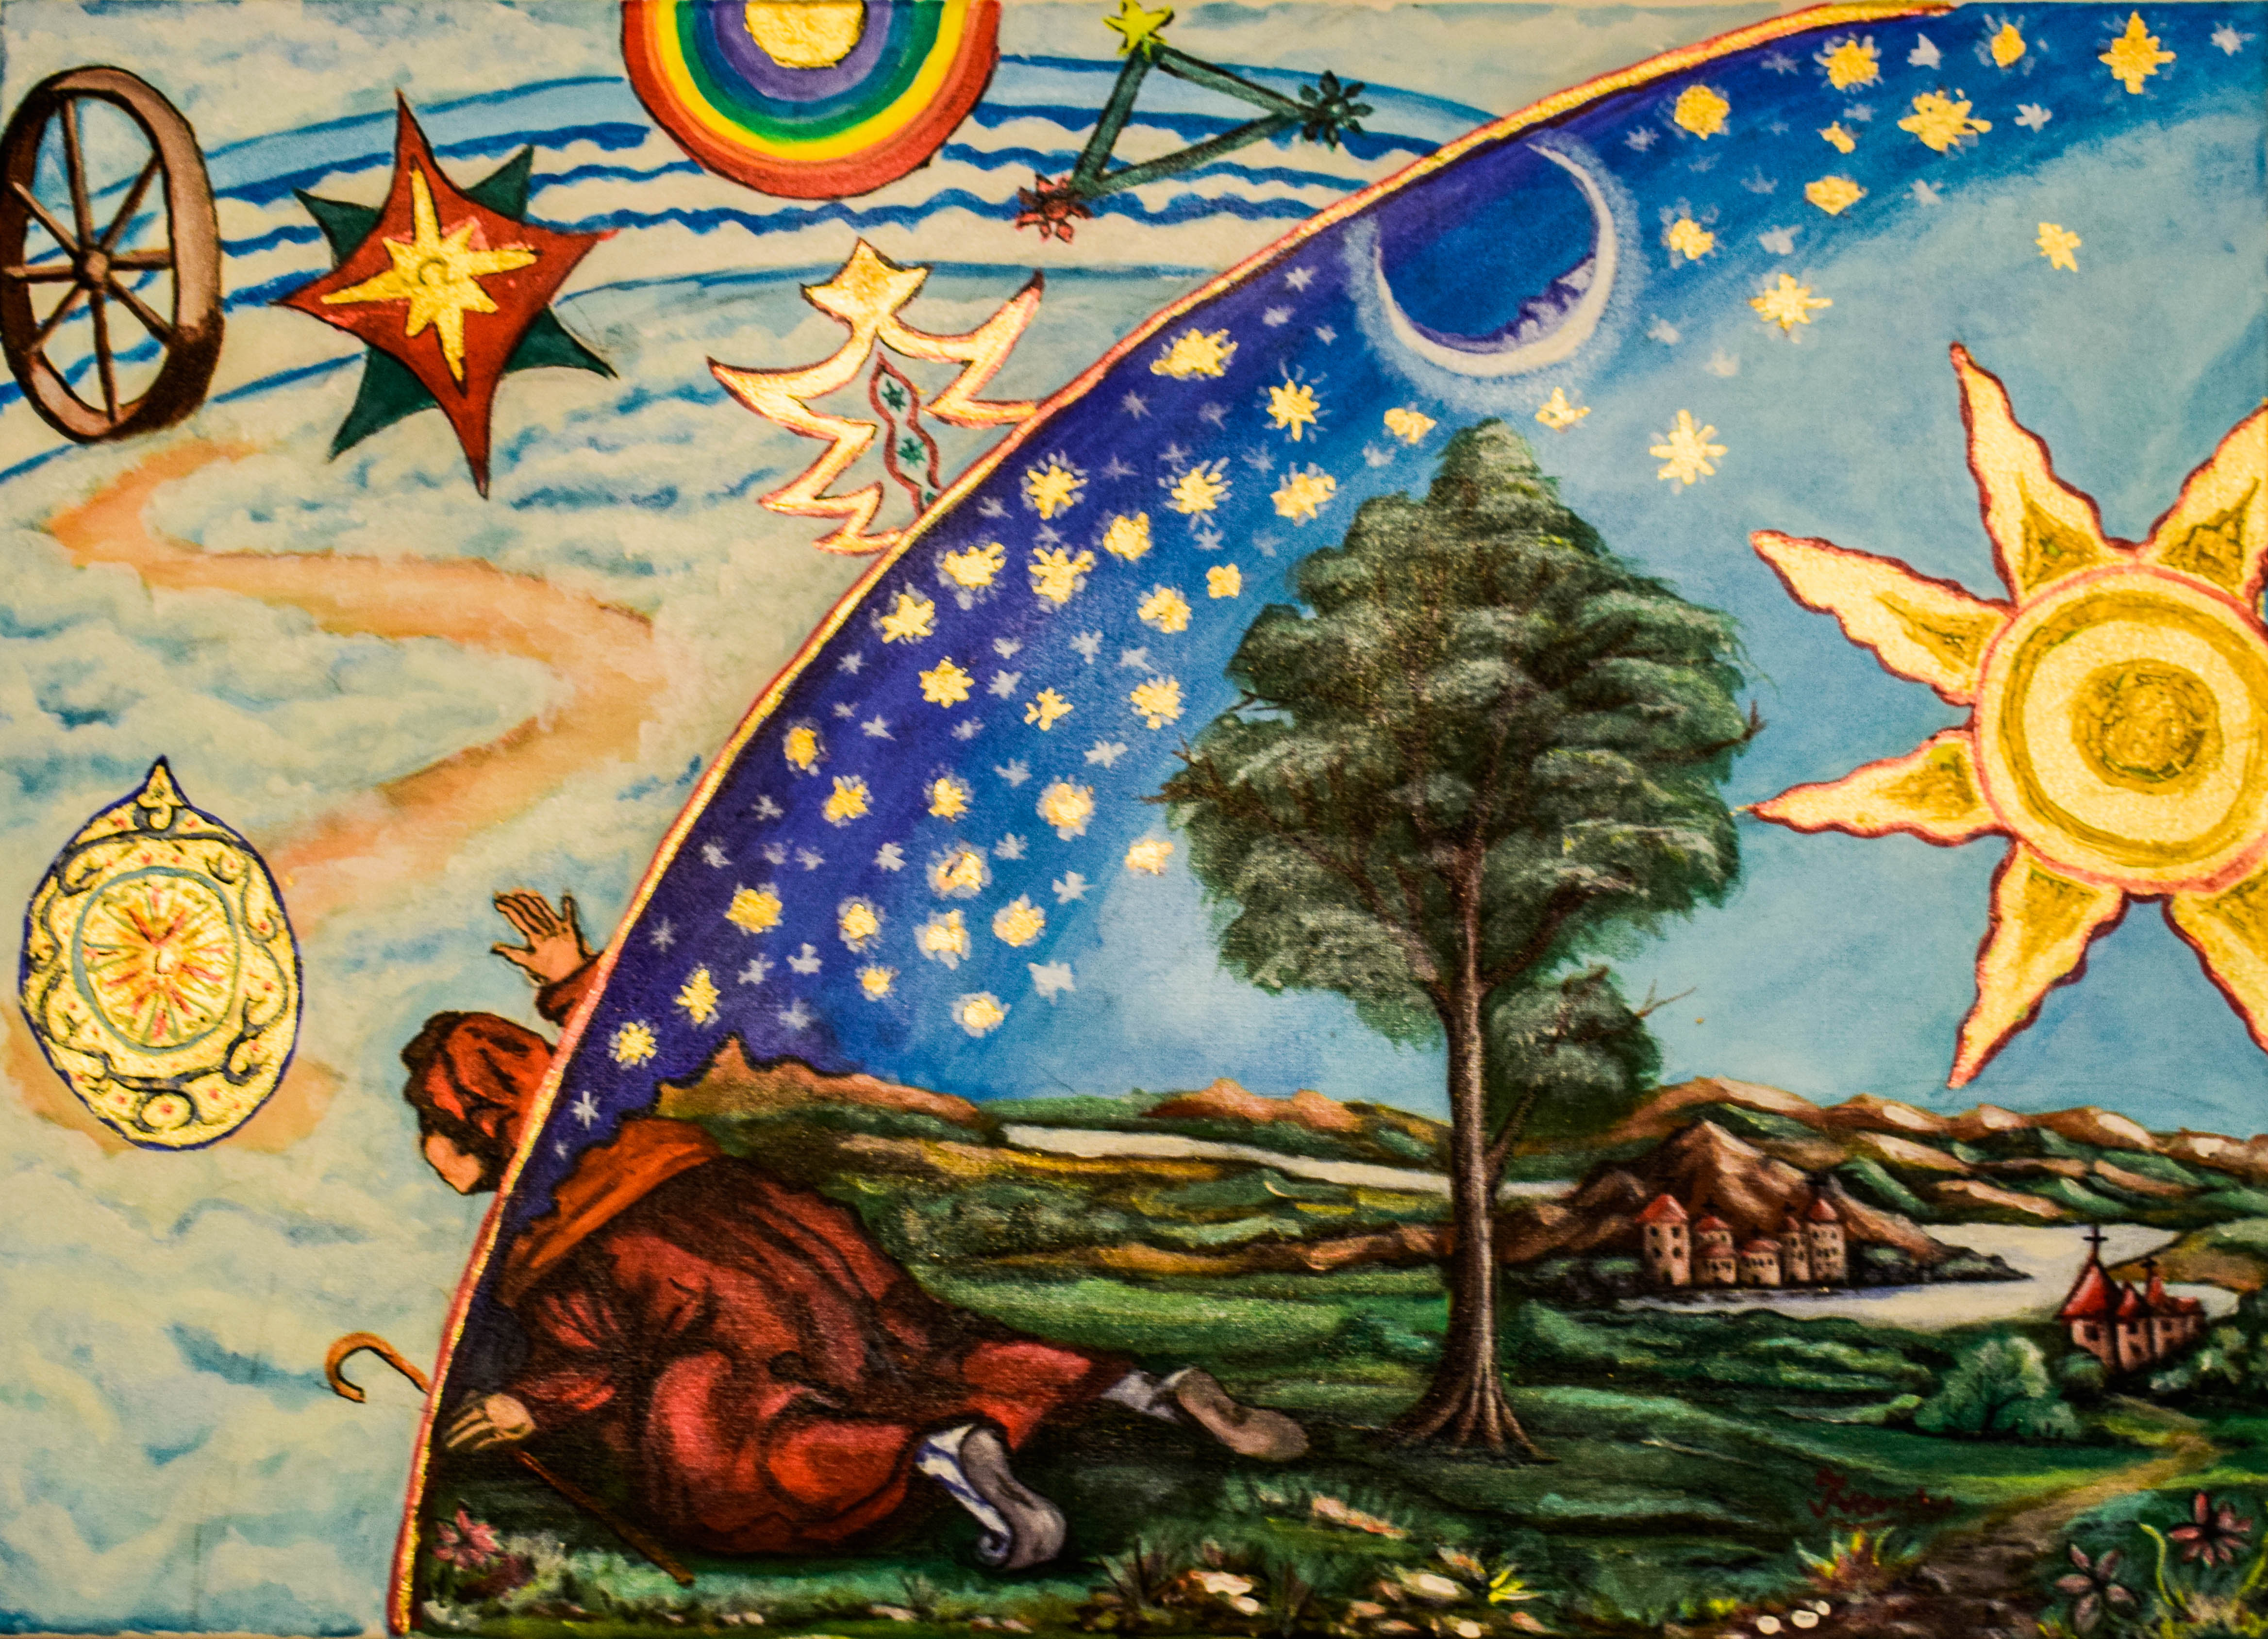 La ce foloseste astrologia